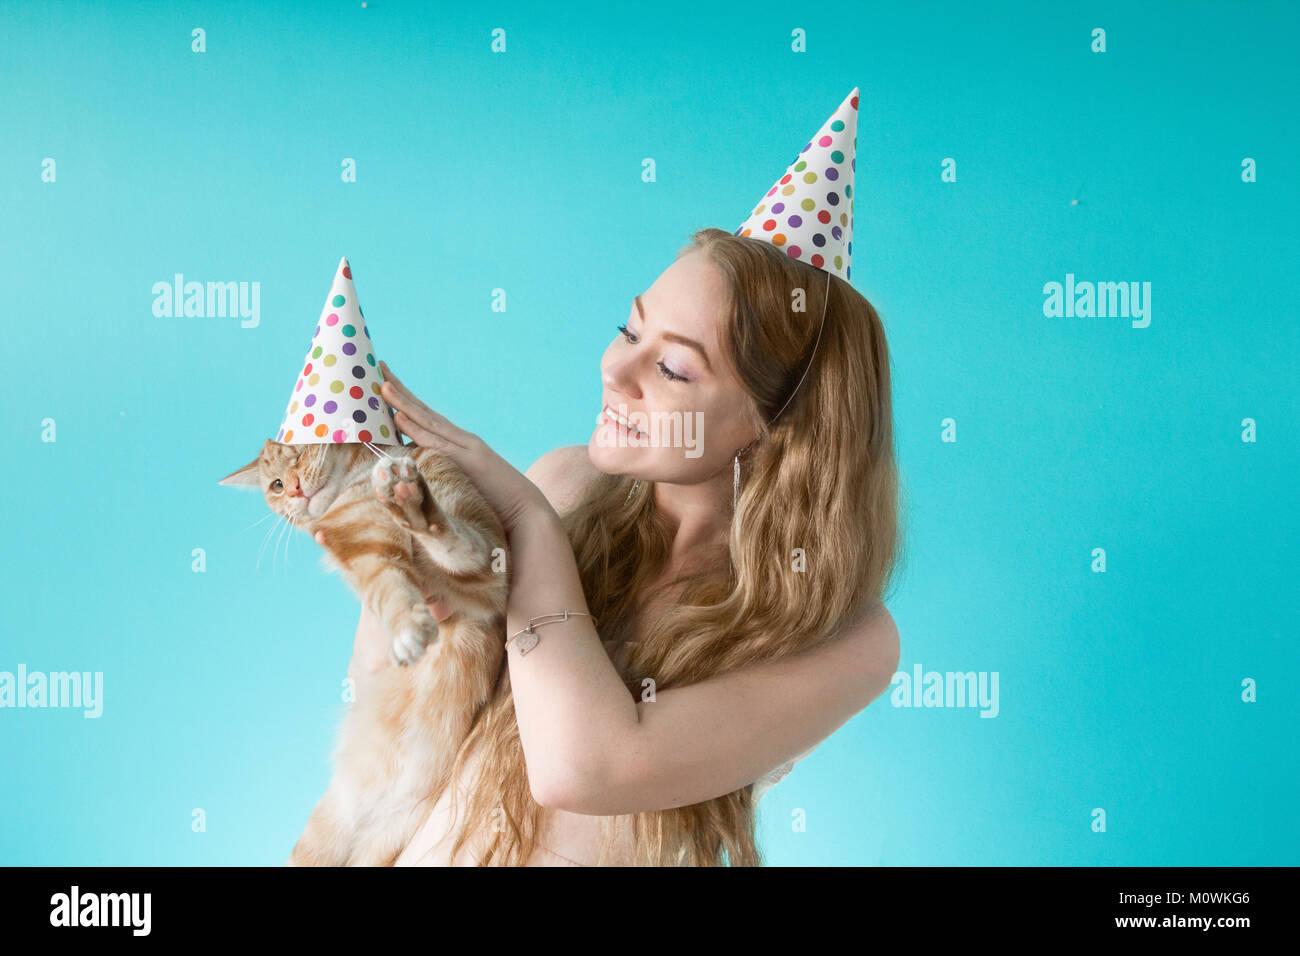 Fiesta sorpresa de cumpleaños cat. Imagen De Stock